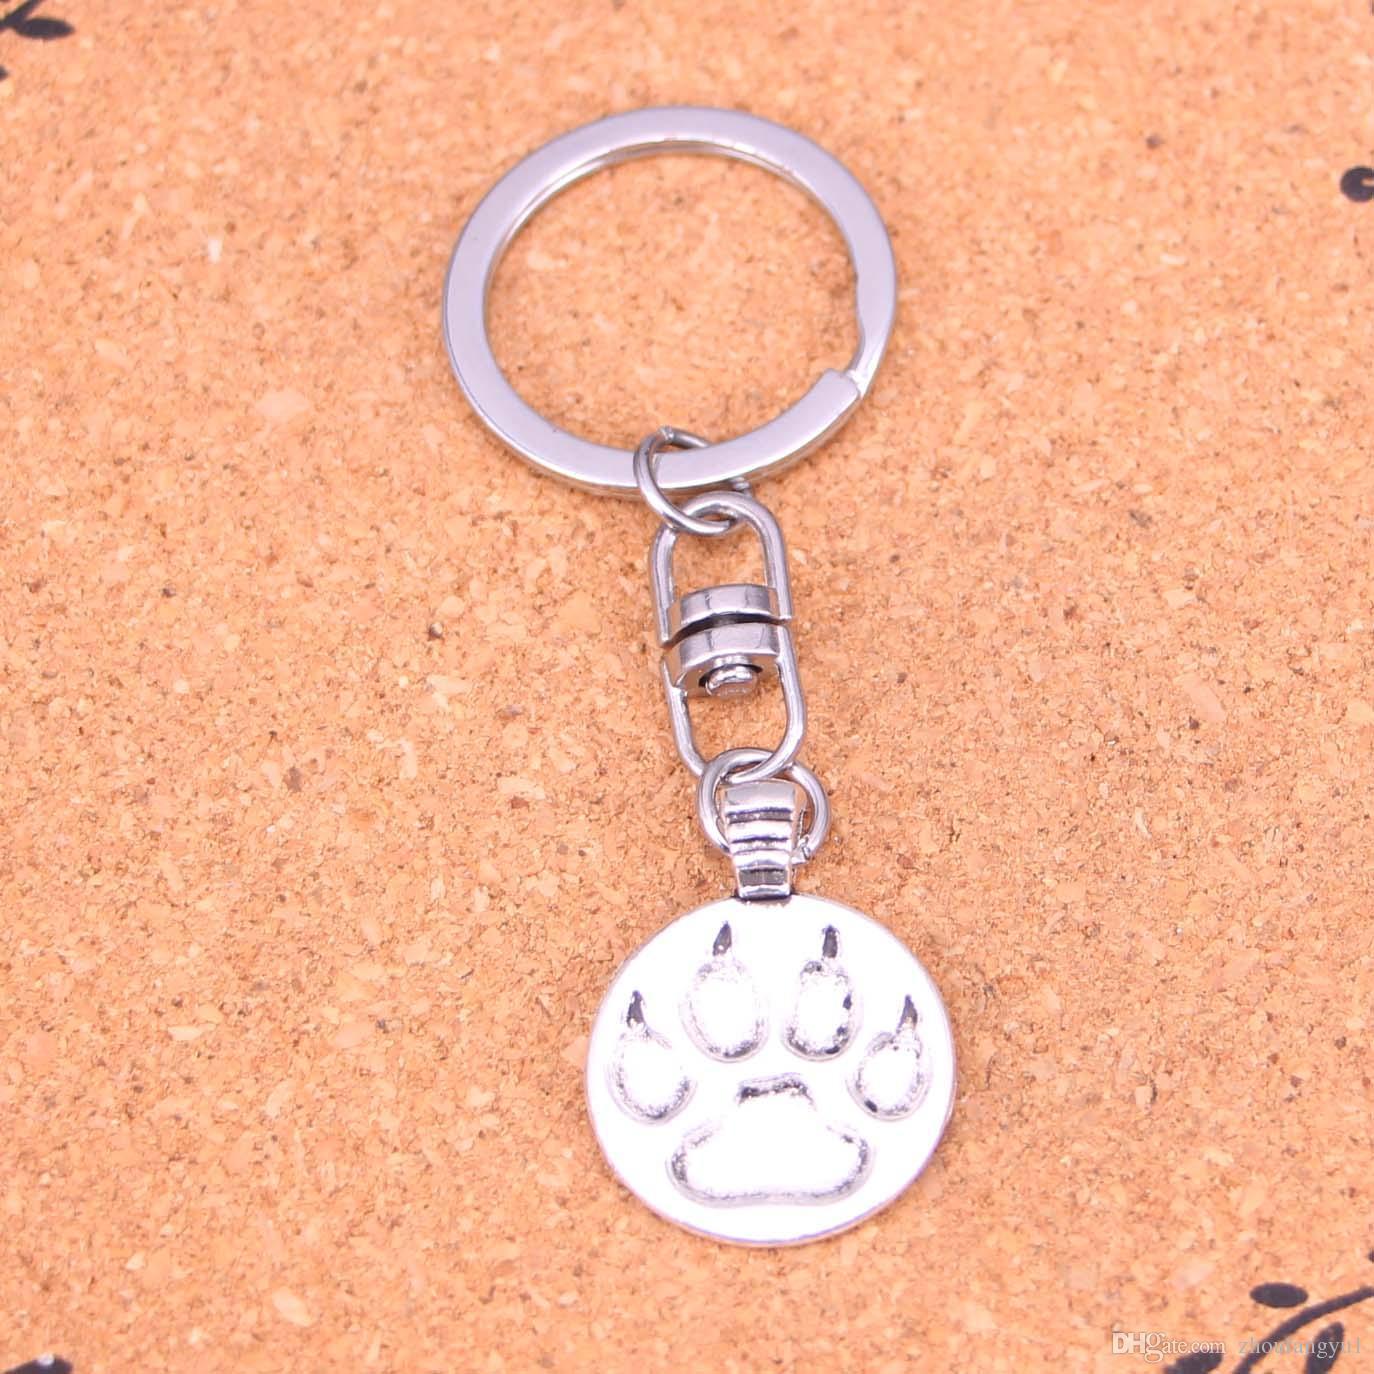 5692fe4355 Acquista Novità Souvenir Metallo Orso Zampa Portachiavi Regali Creativi Portachiavi  Apple Portachiavi Anello Portachiavi Auto Gingillo A $0.64 Dal ...